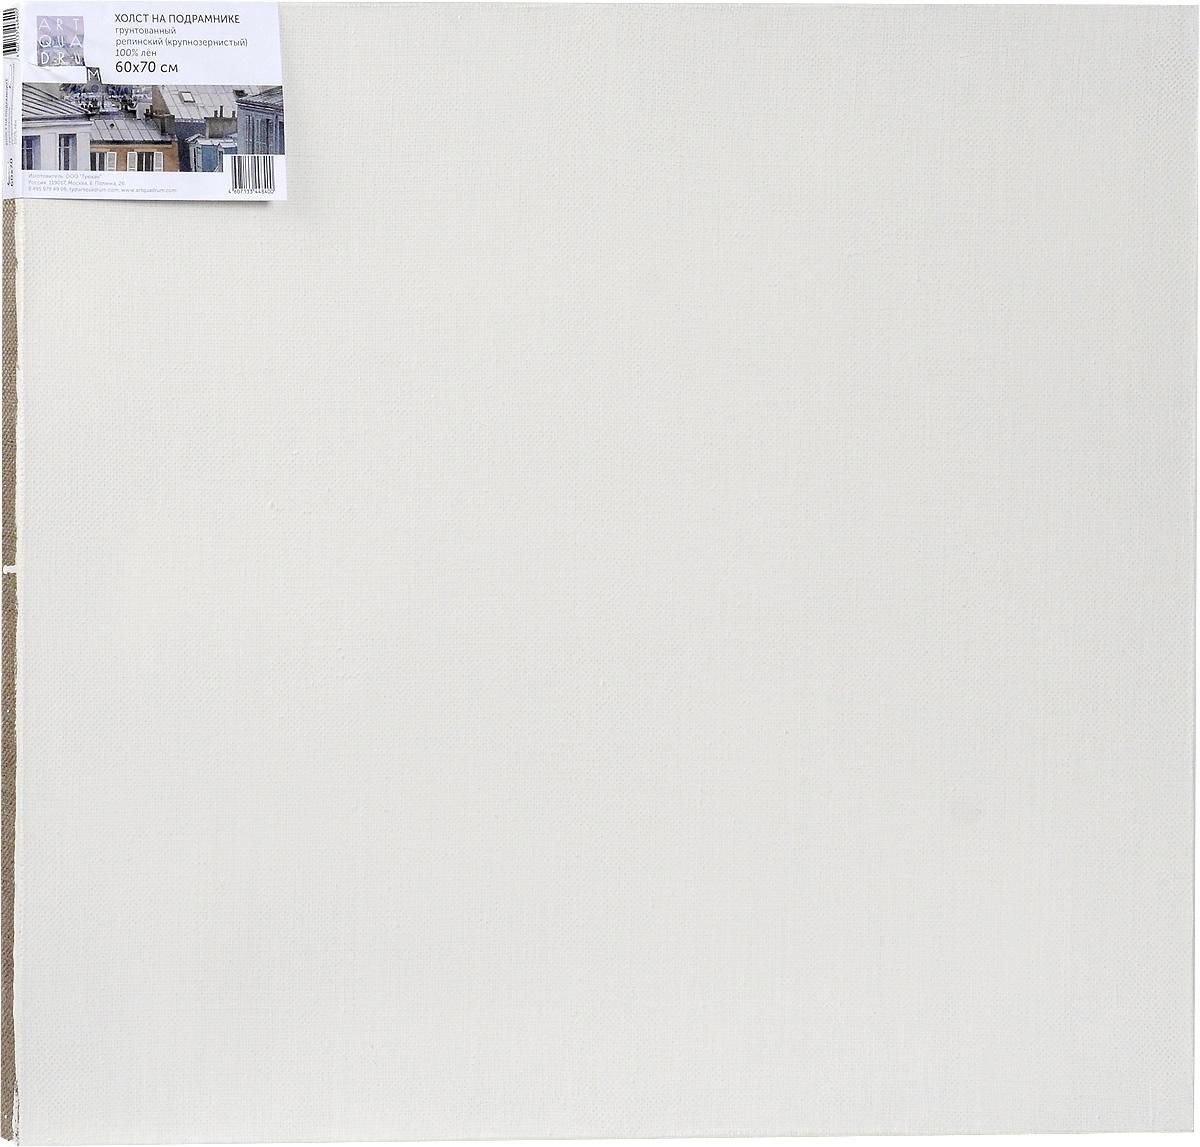 Холст ArtQuaDram Репинский на подрамнике, грунтованный, 60 х 70 смТ0003933Холст на деревянном подрамнике ArtQuaDram Репинский изготовлен из 100% натурального льна. Подходит для профессионалов и художников. Холст не трескается, не впитывает слишком много краски, цвет краски и качество не изменяются. Холст идеально подходит для масляной и акриловой живописи.